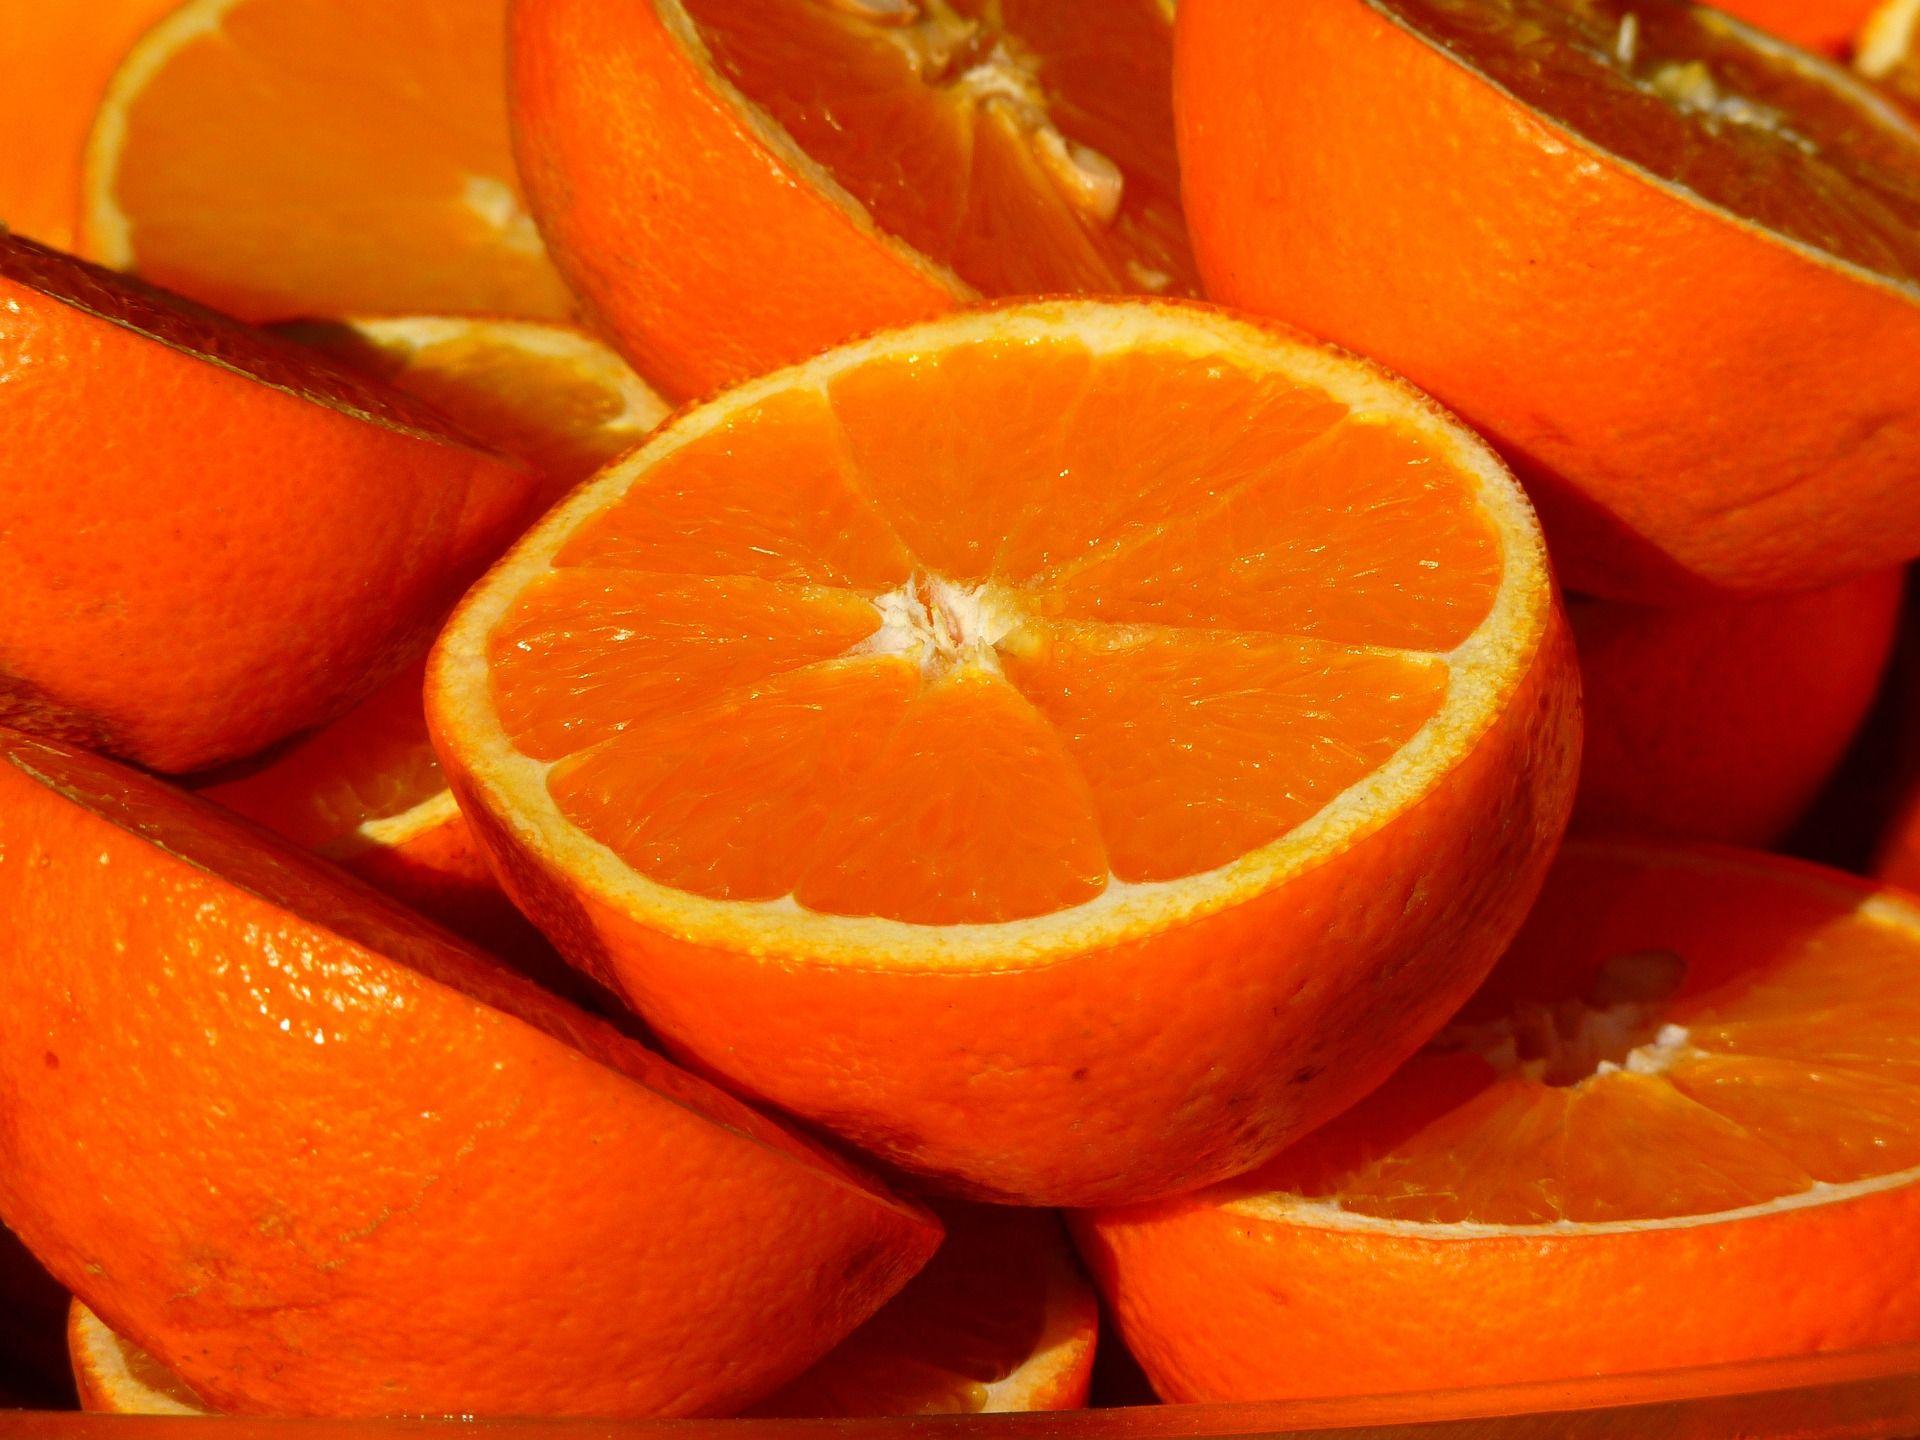 L'acqua si può depurare con la buccia di un'arancia